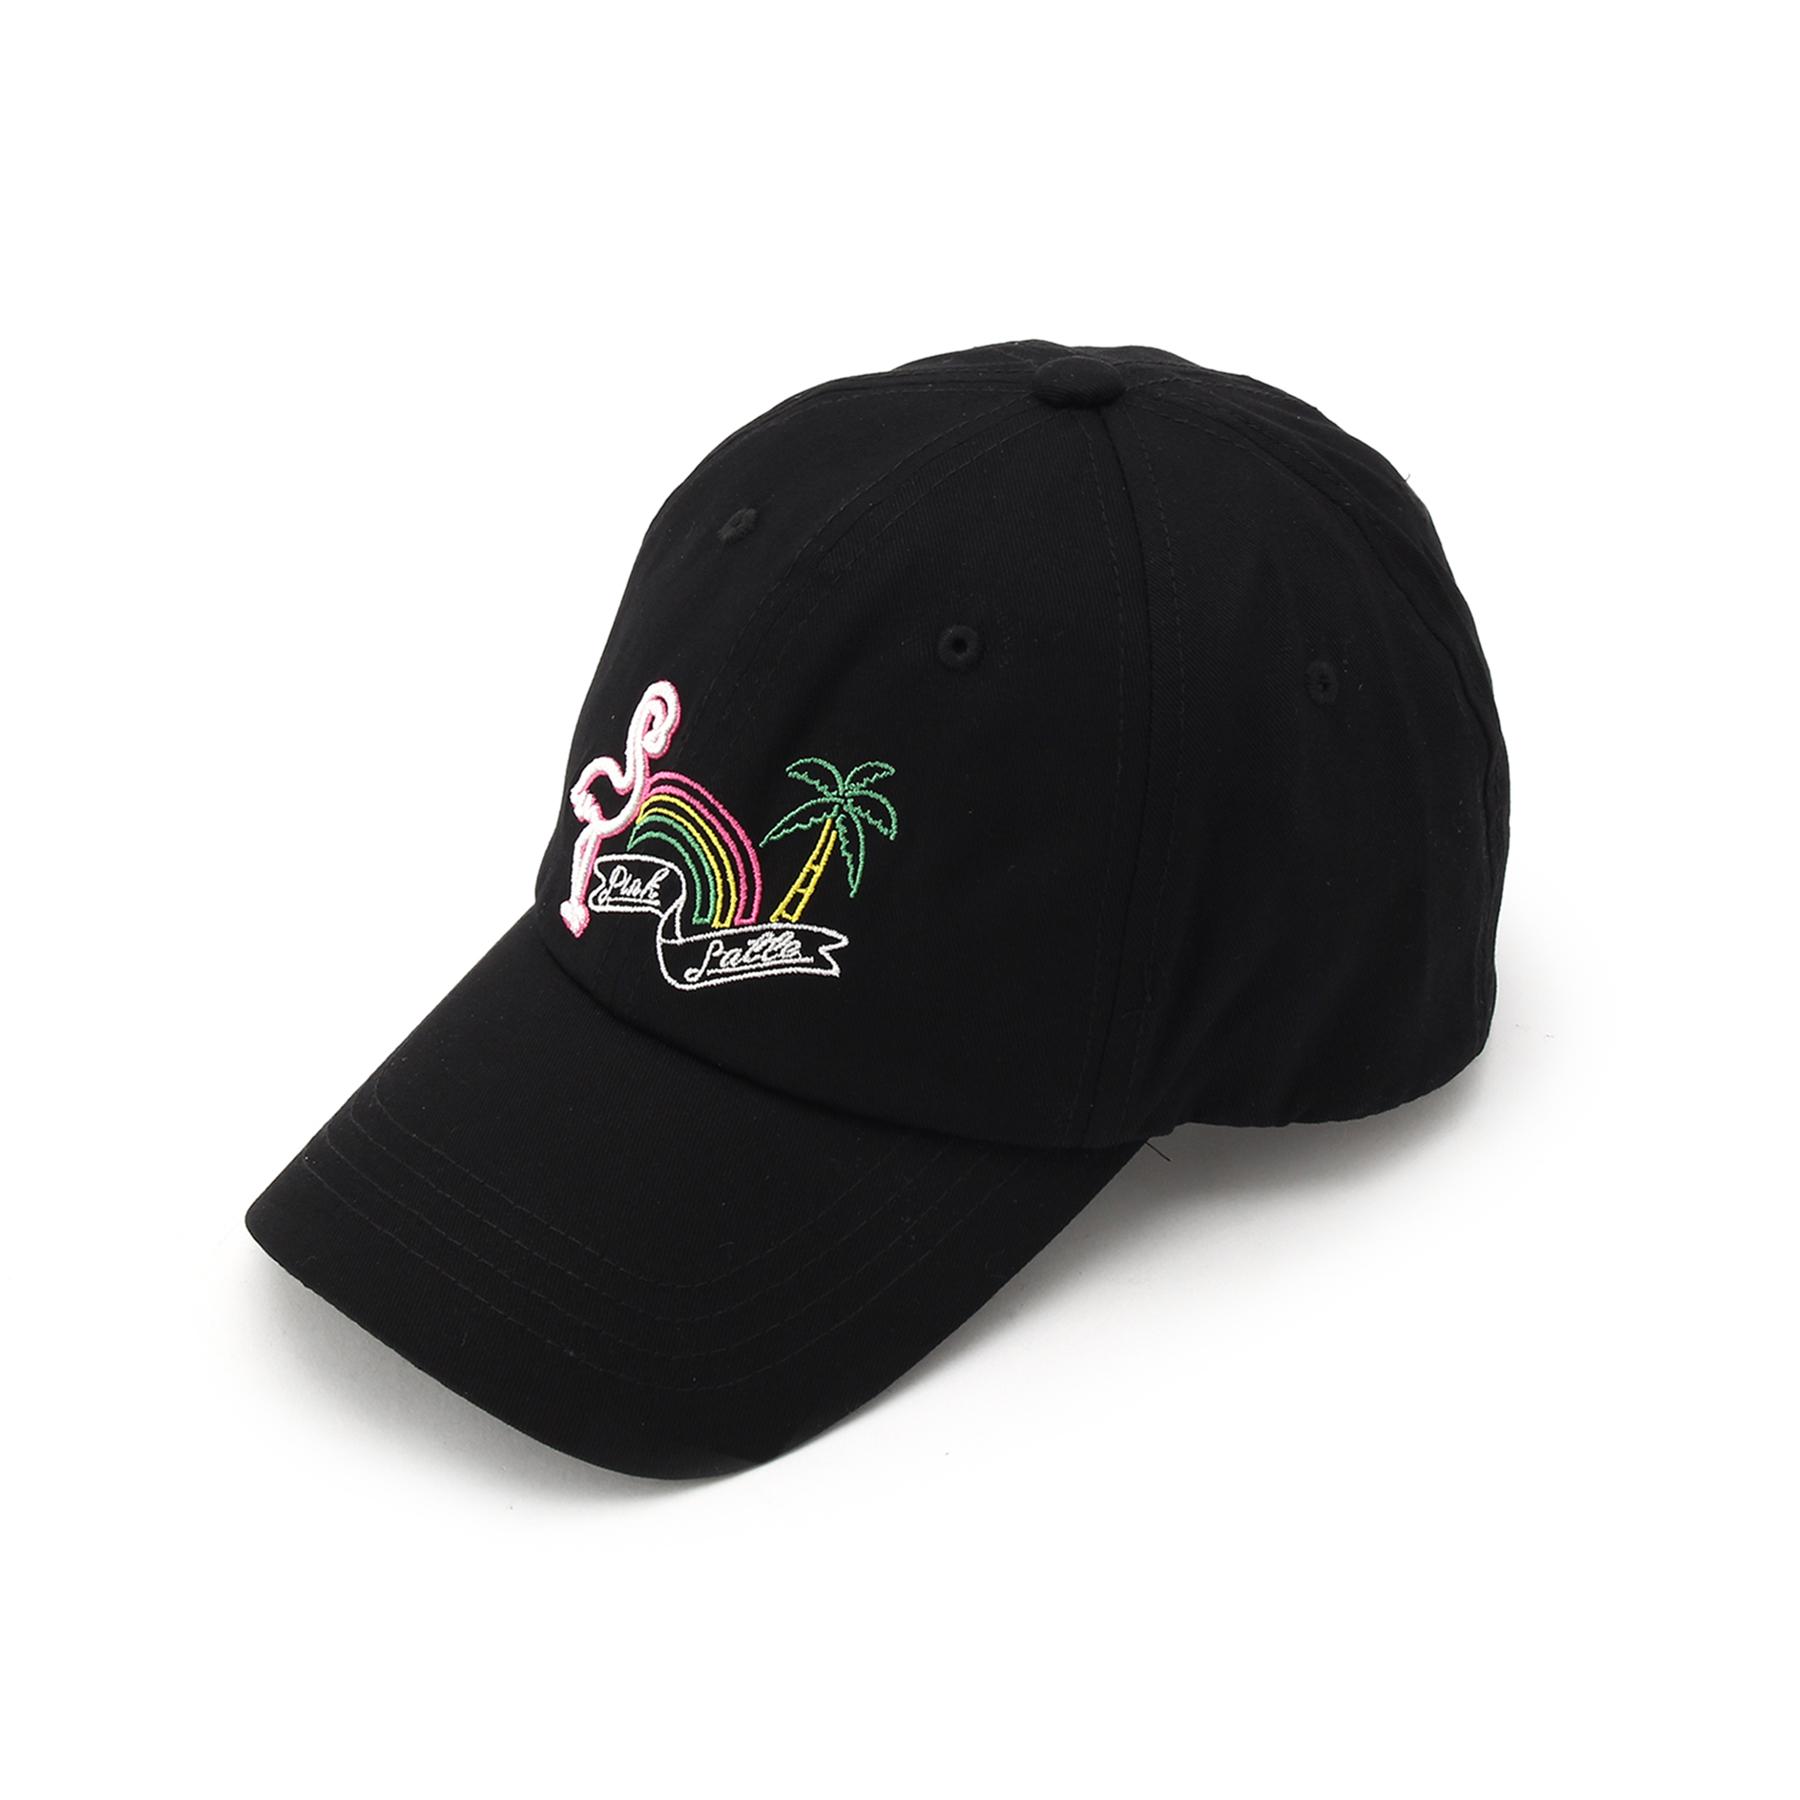 【PINK-latte (ピンク ラテ)】ネオン刺しゅう キャップティーンズ 帽子|キャップ ブラック